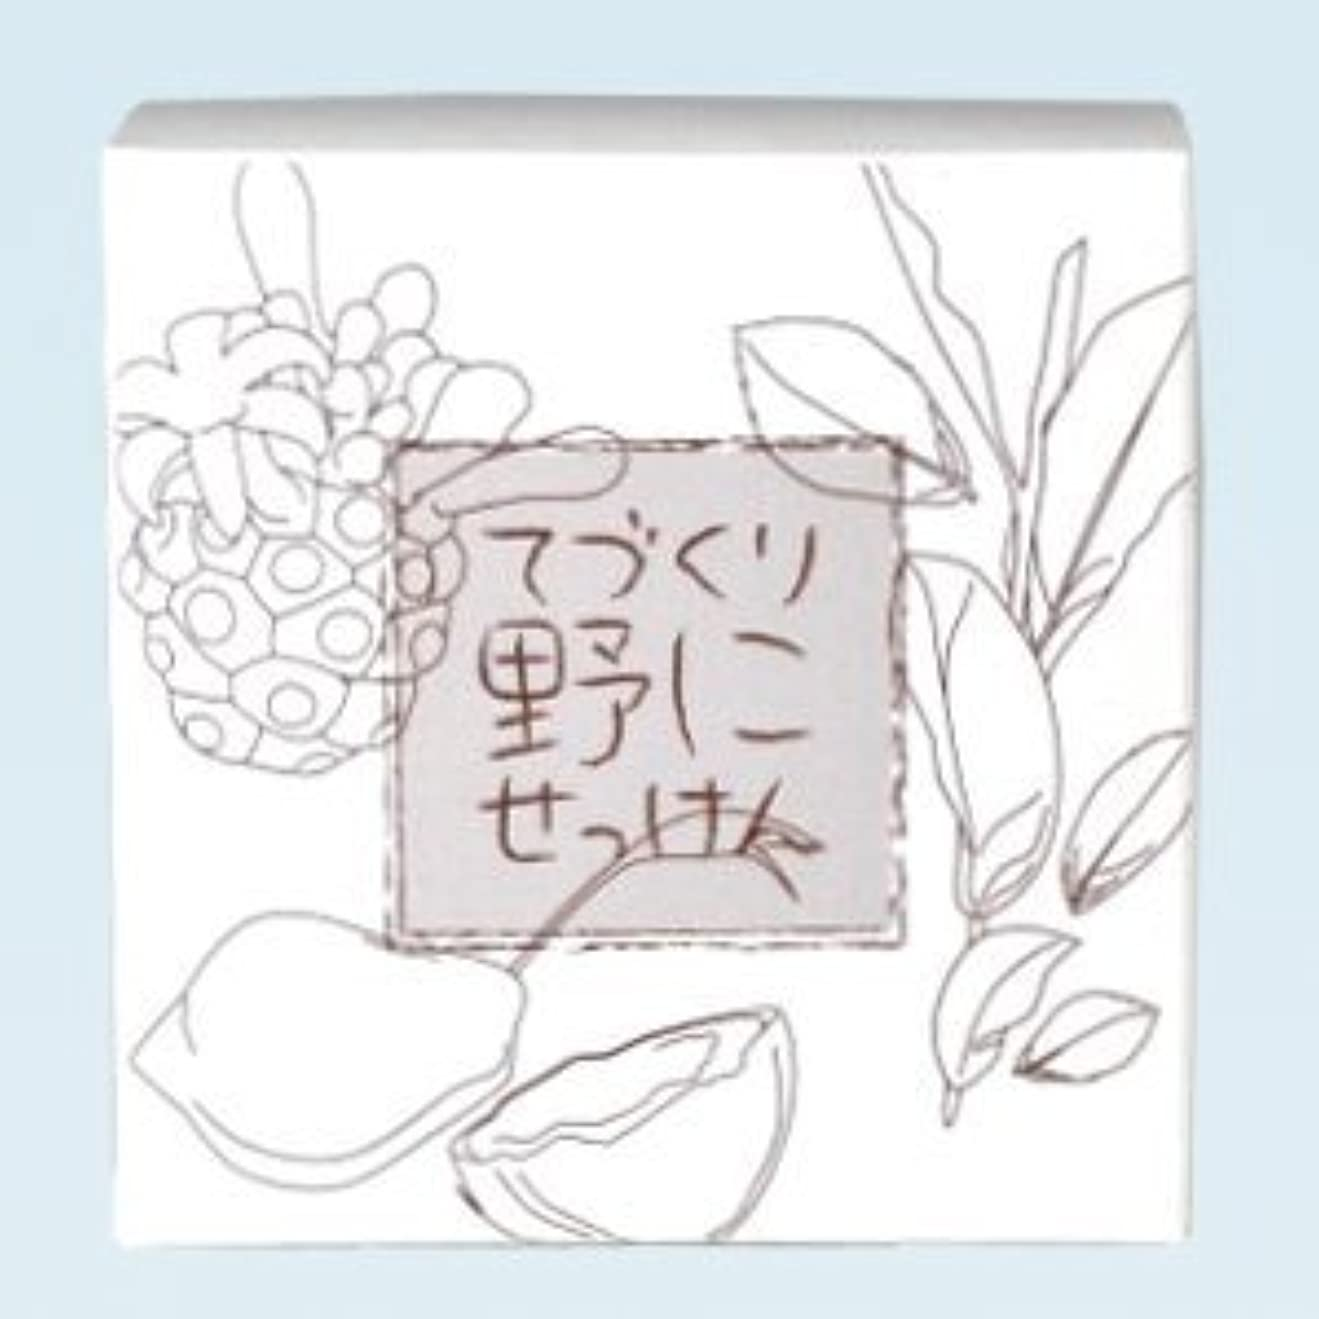 殺すスキーム人柄緑茶 ノニ石鹸 てづくり野にせっけん(115g)